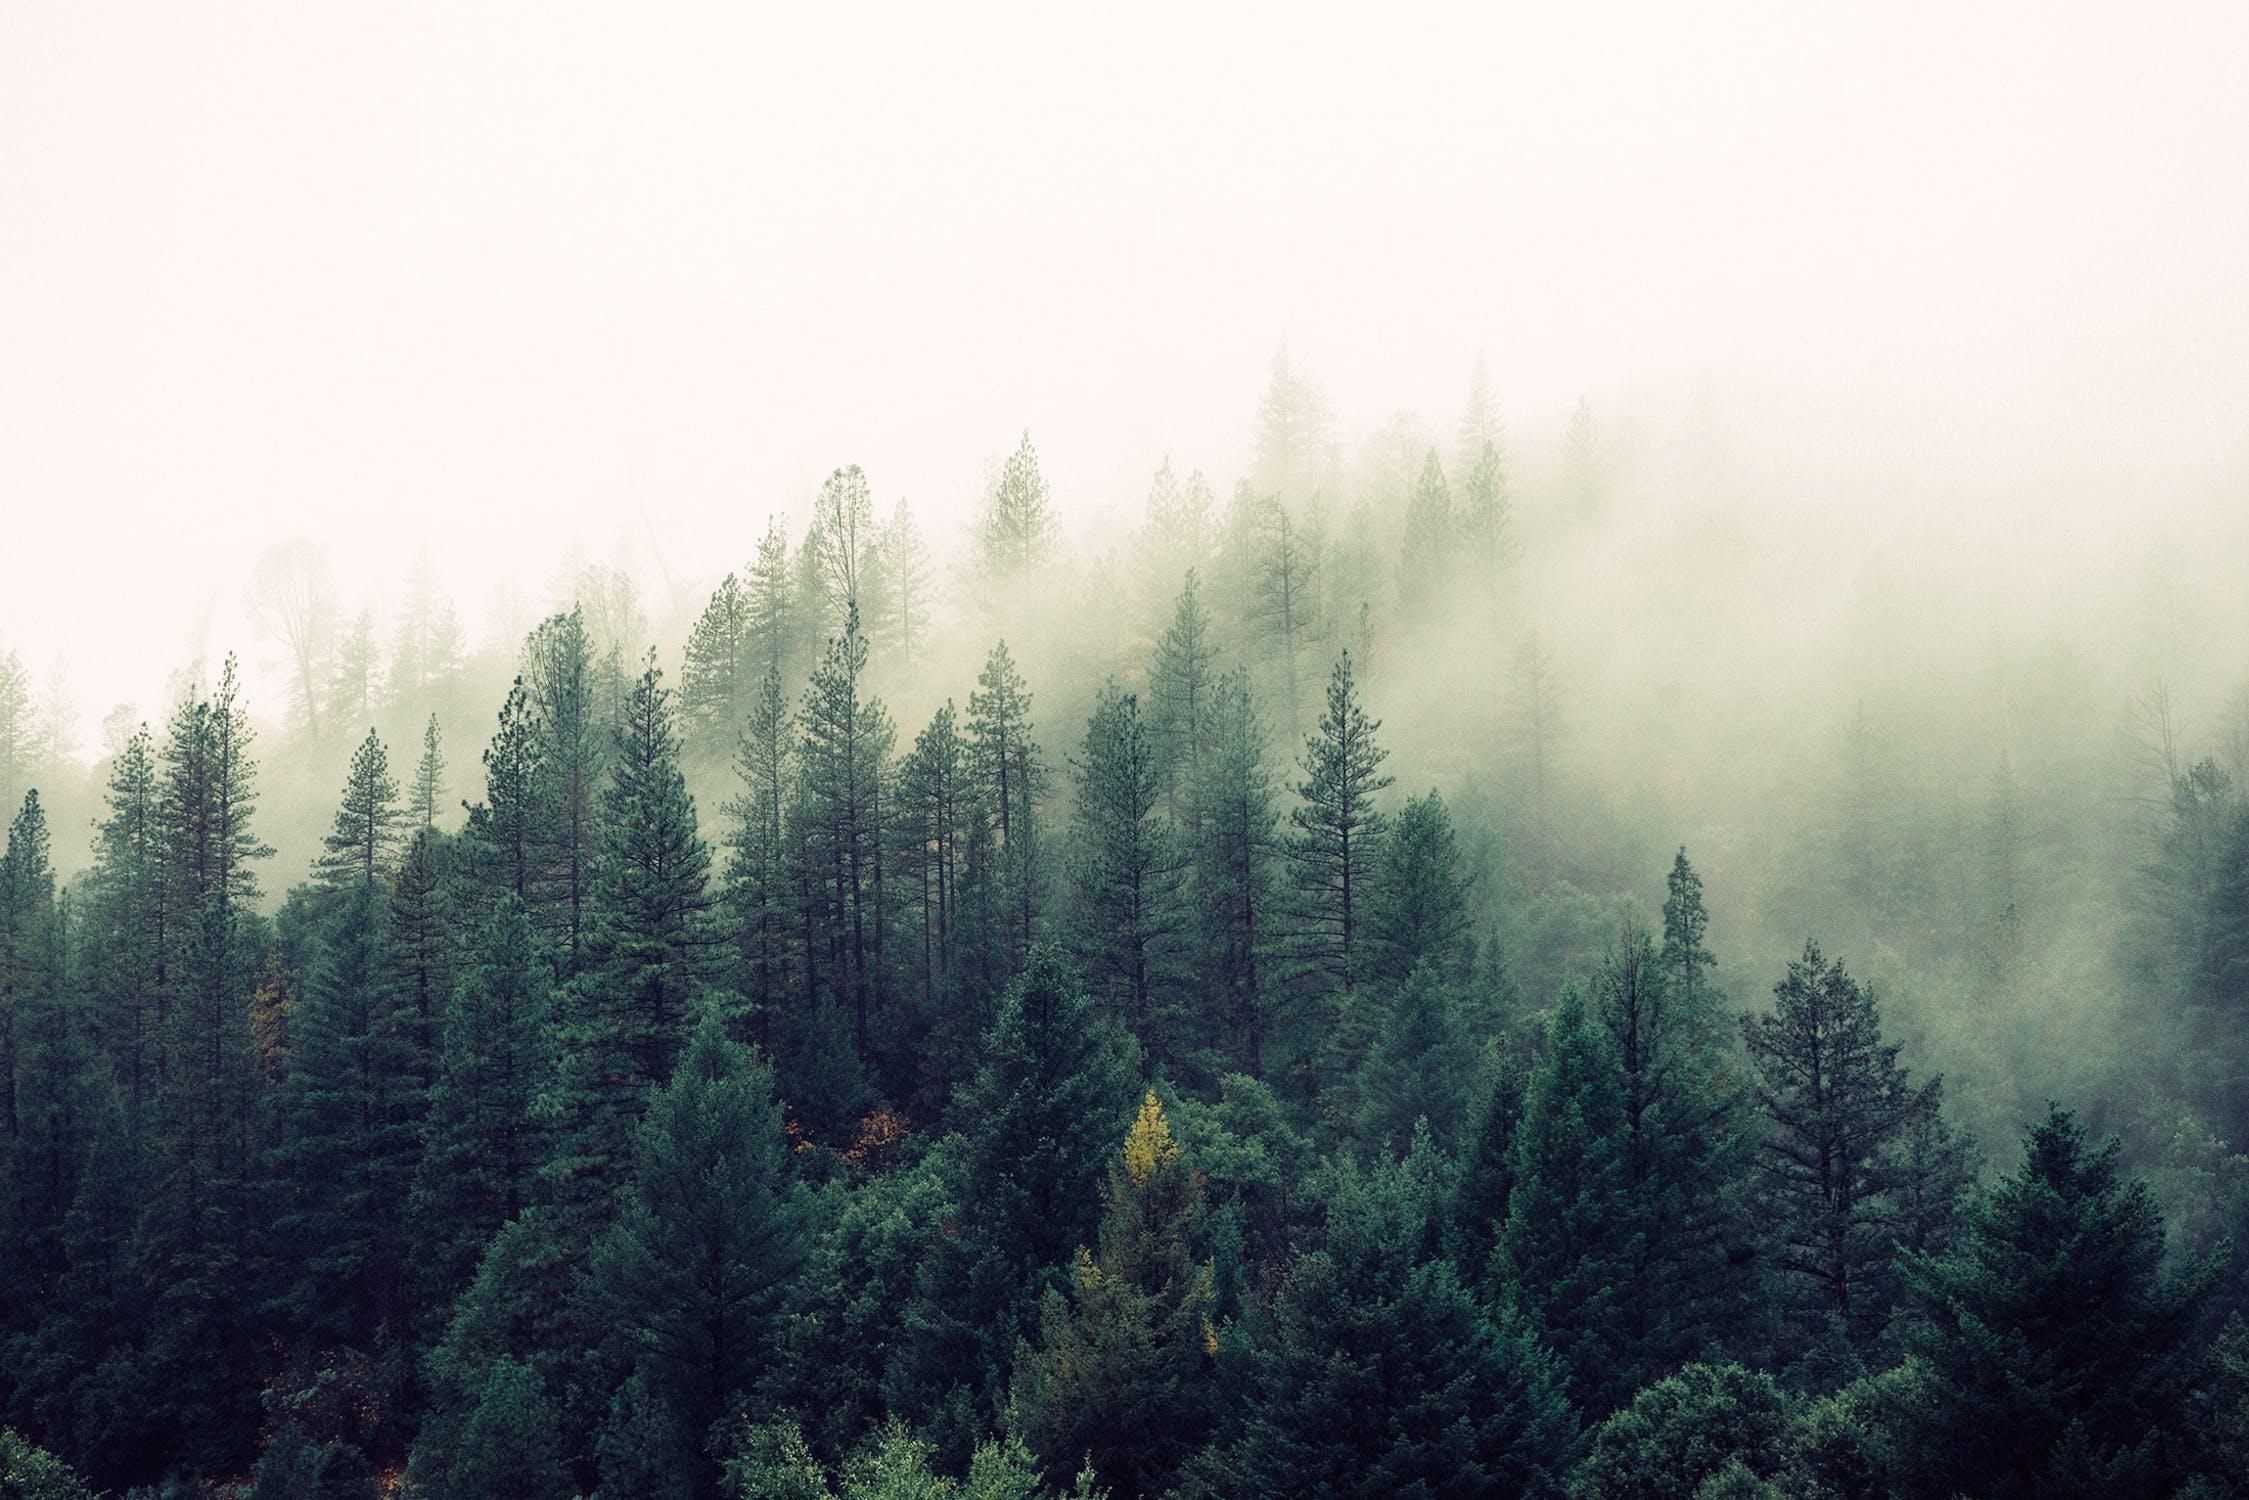 दार्जिलिंग येथील डाओ हिल नैसर्गिकरित्या अत्यंत सुंदर आहे. मात्र ही जागाही हॉंन्टेड प्लेस म्हणून ओळखली जाते.